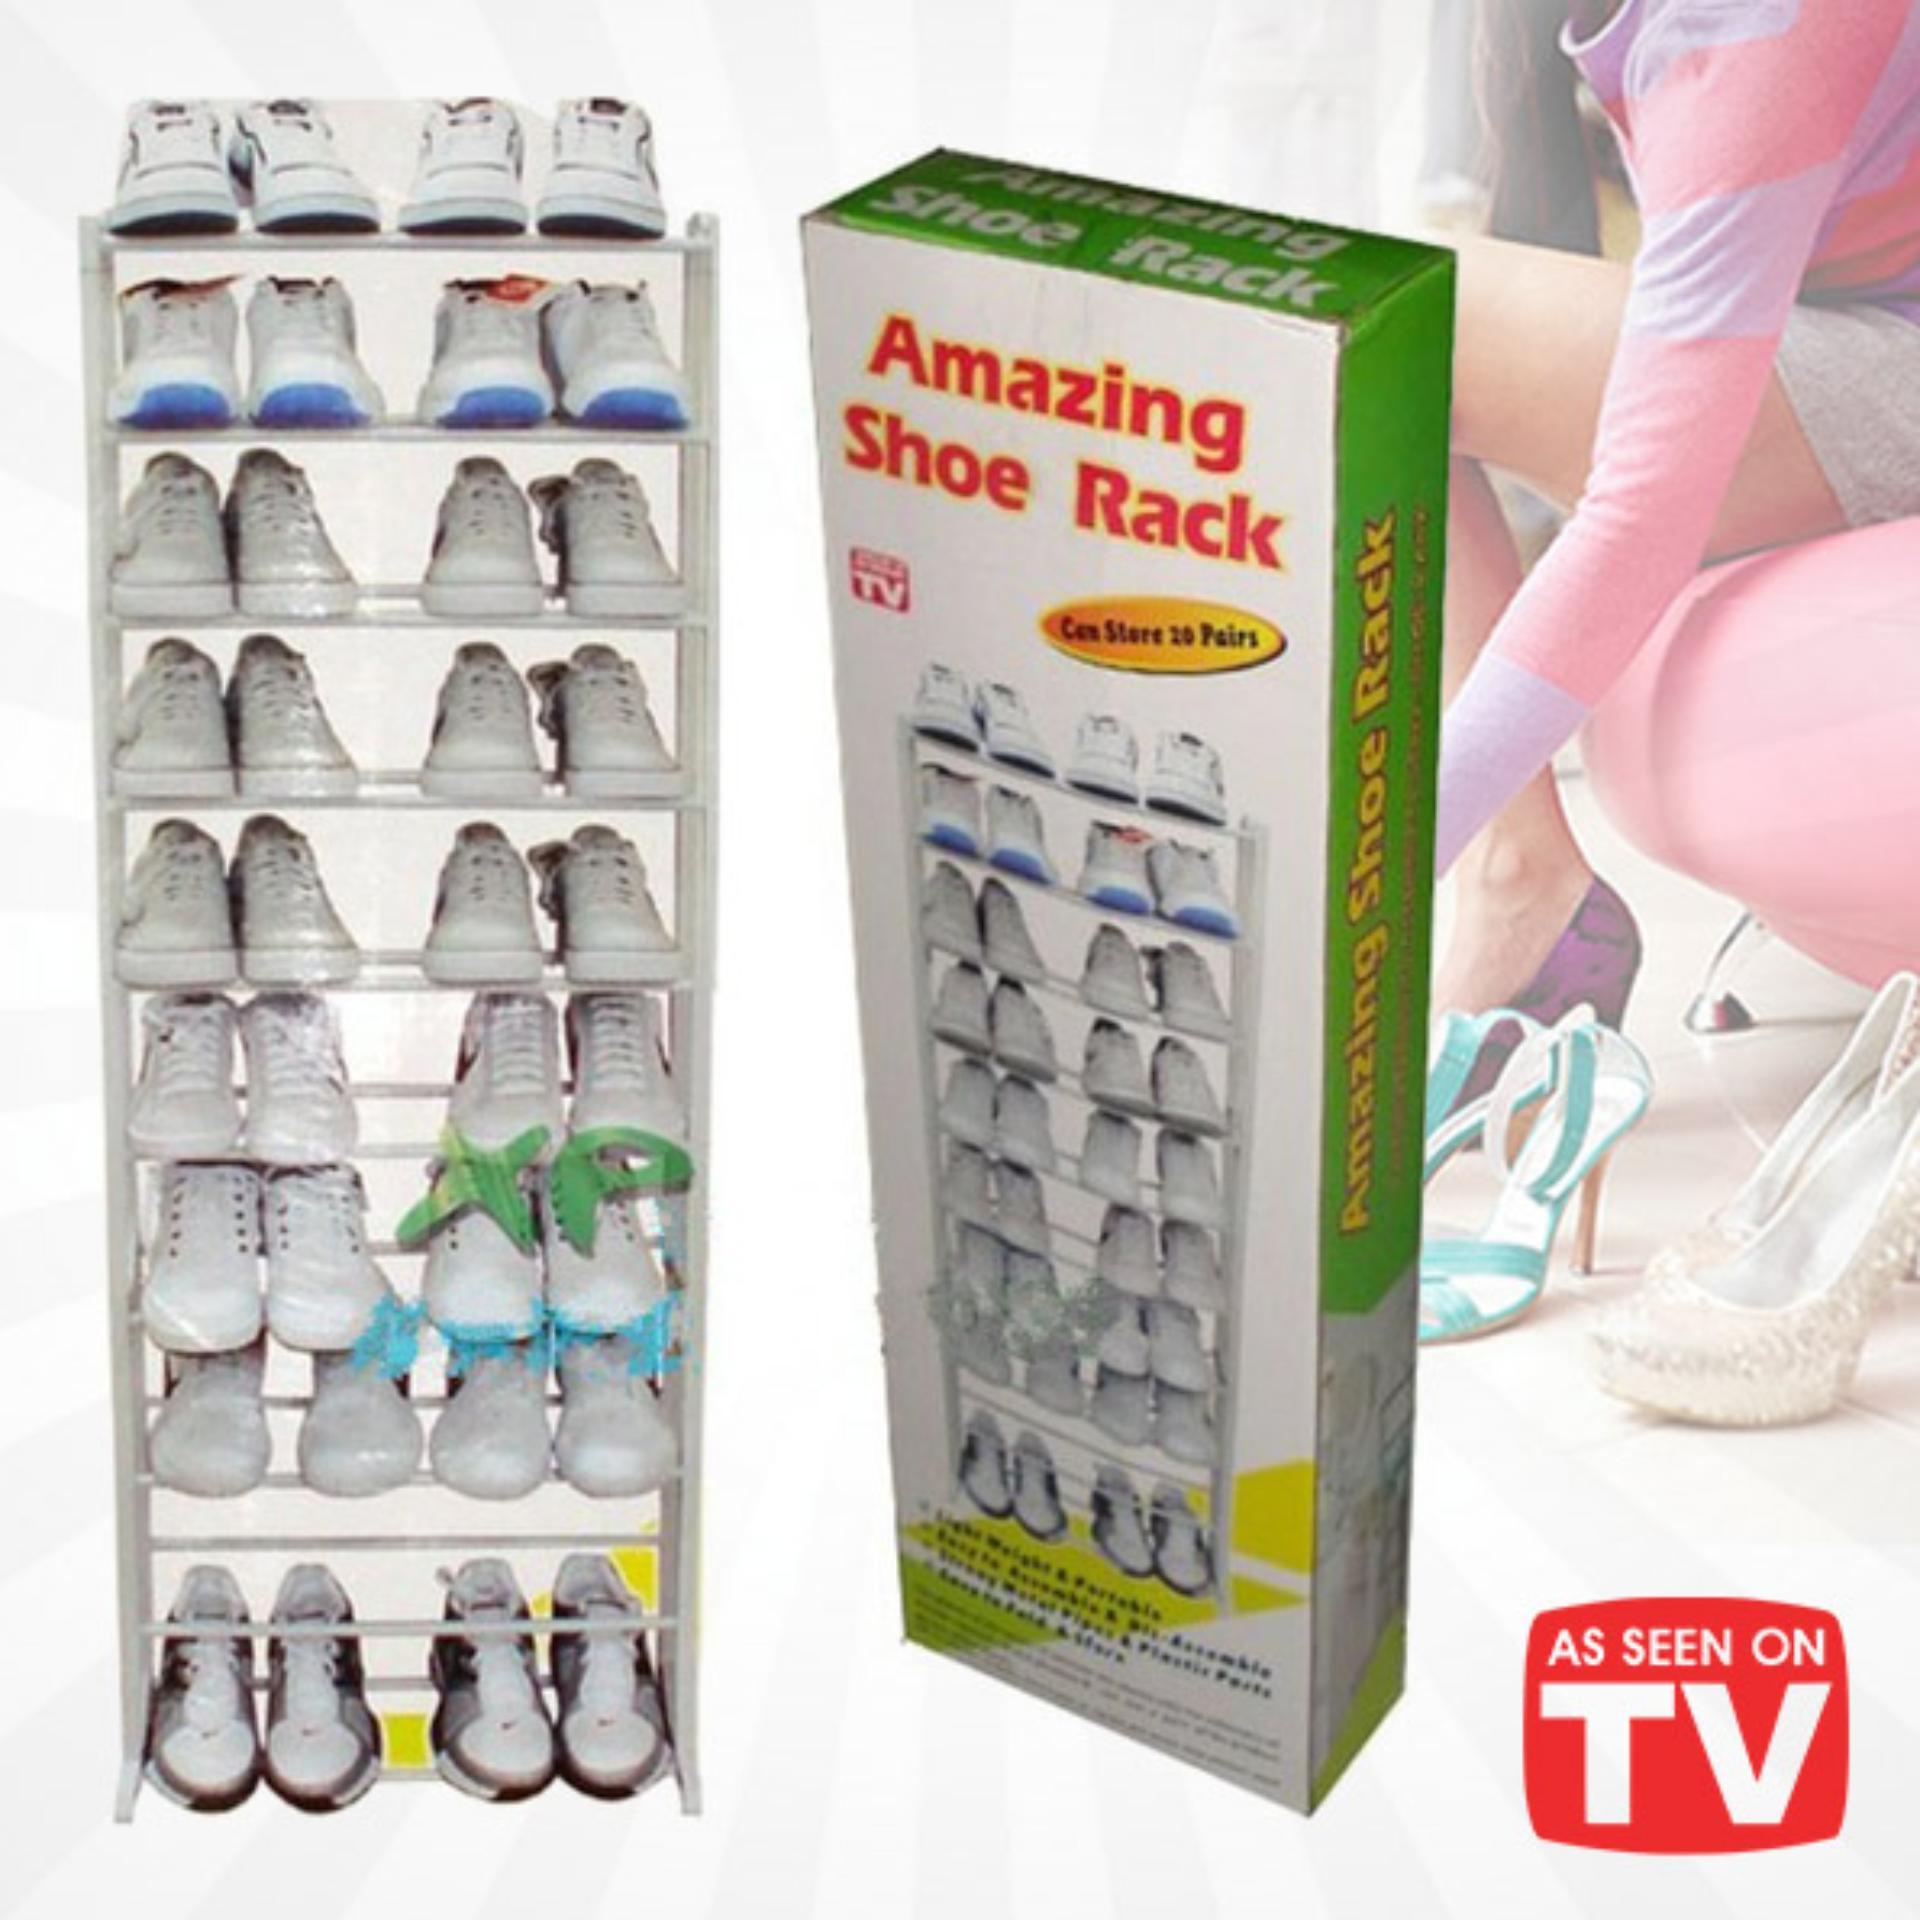 Harga preferensial Amazing Shoe Rack Rak Sepatu 10 Susun terbaik murah - Hanya Rp53.550